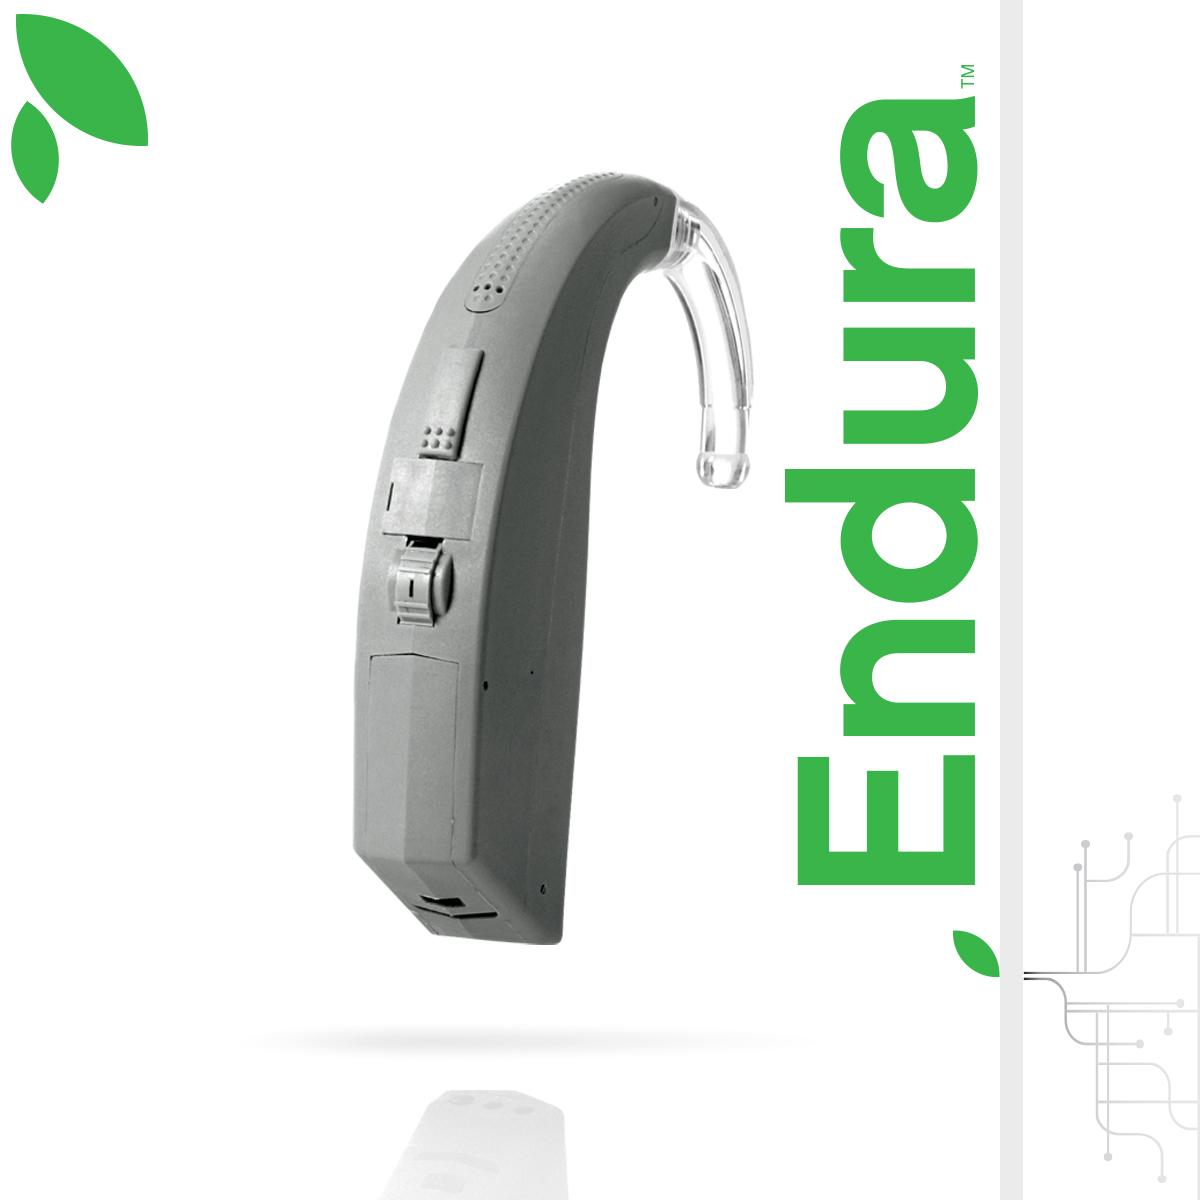 Endura_promotional_image